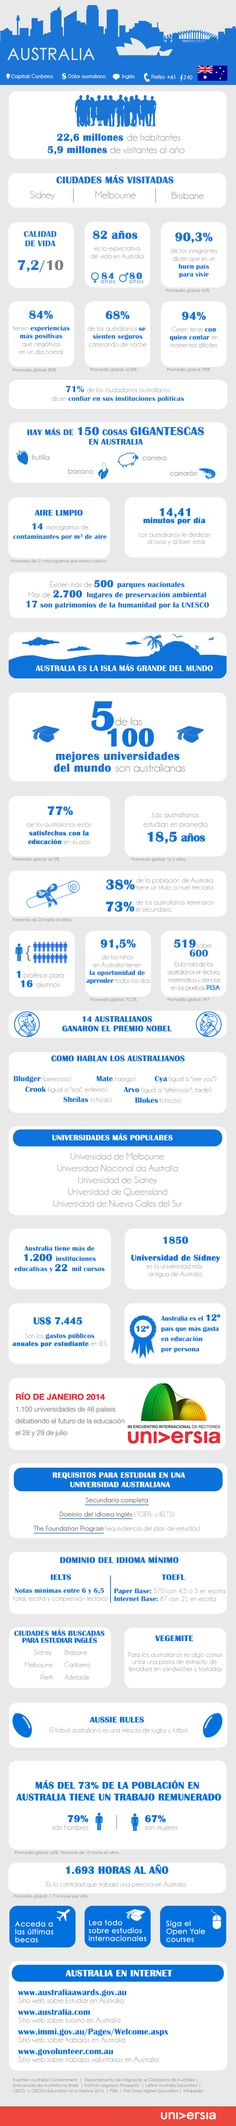 Más de 30 aspectos para estudiar y trabajar en Australia